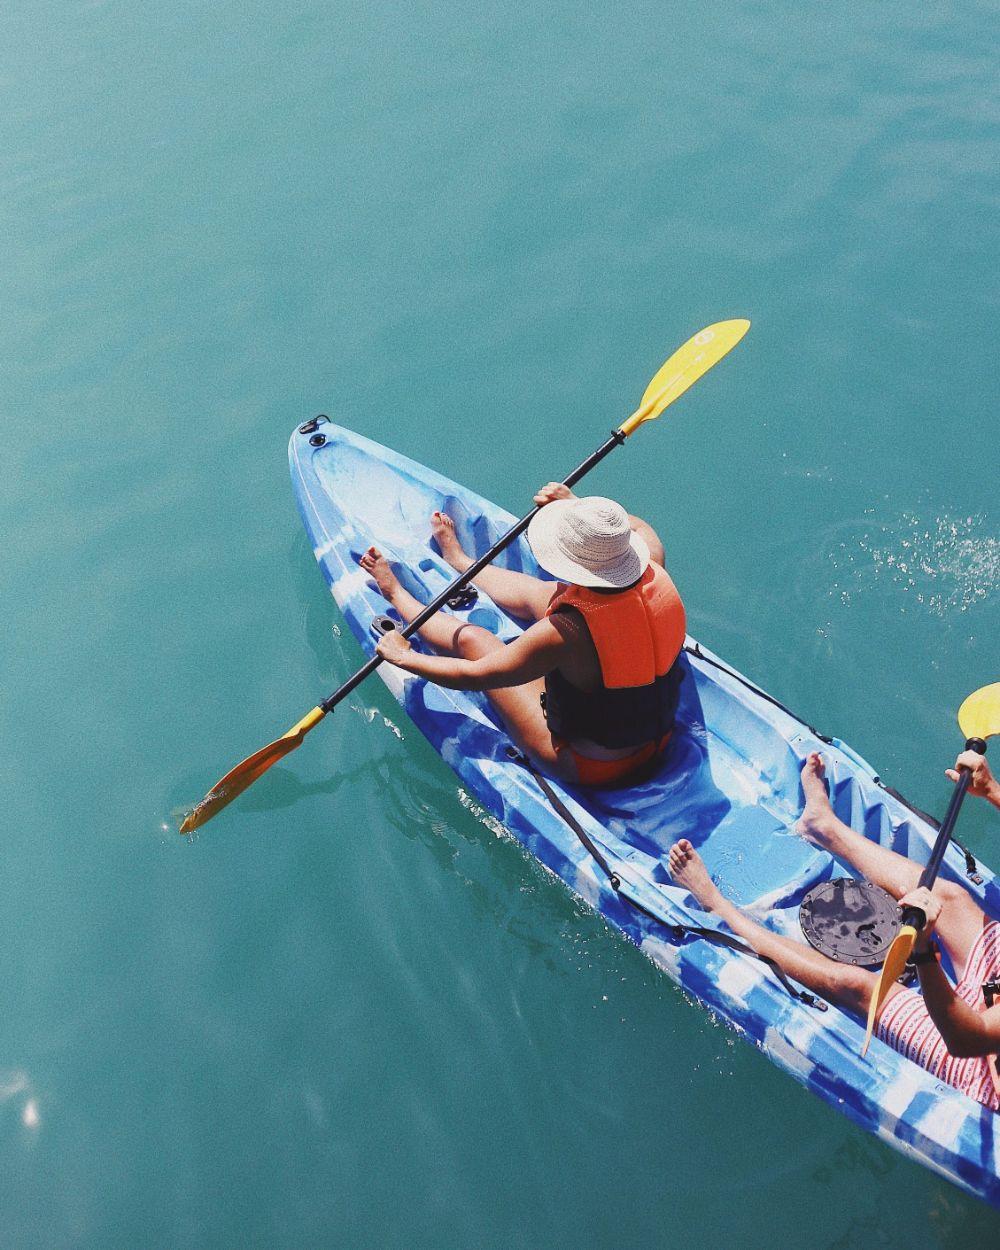 صور كوساموي، صور سفر، أفضل المعالم السياحية في كوساموي، الإبحار في قوارب الكاياك